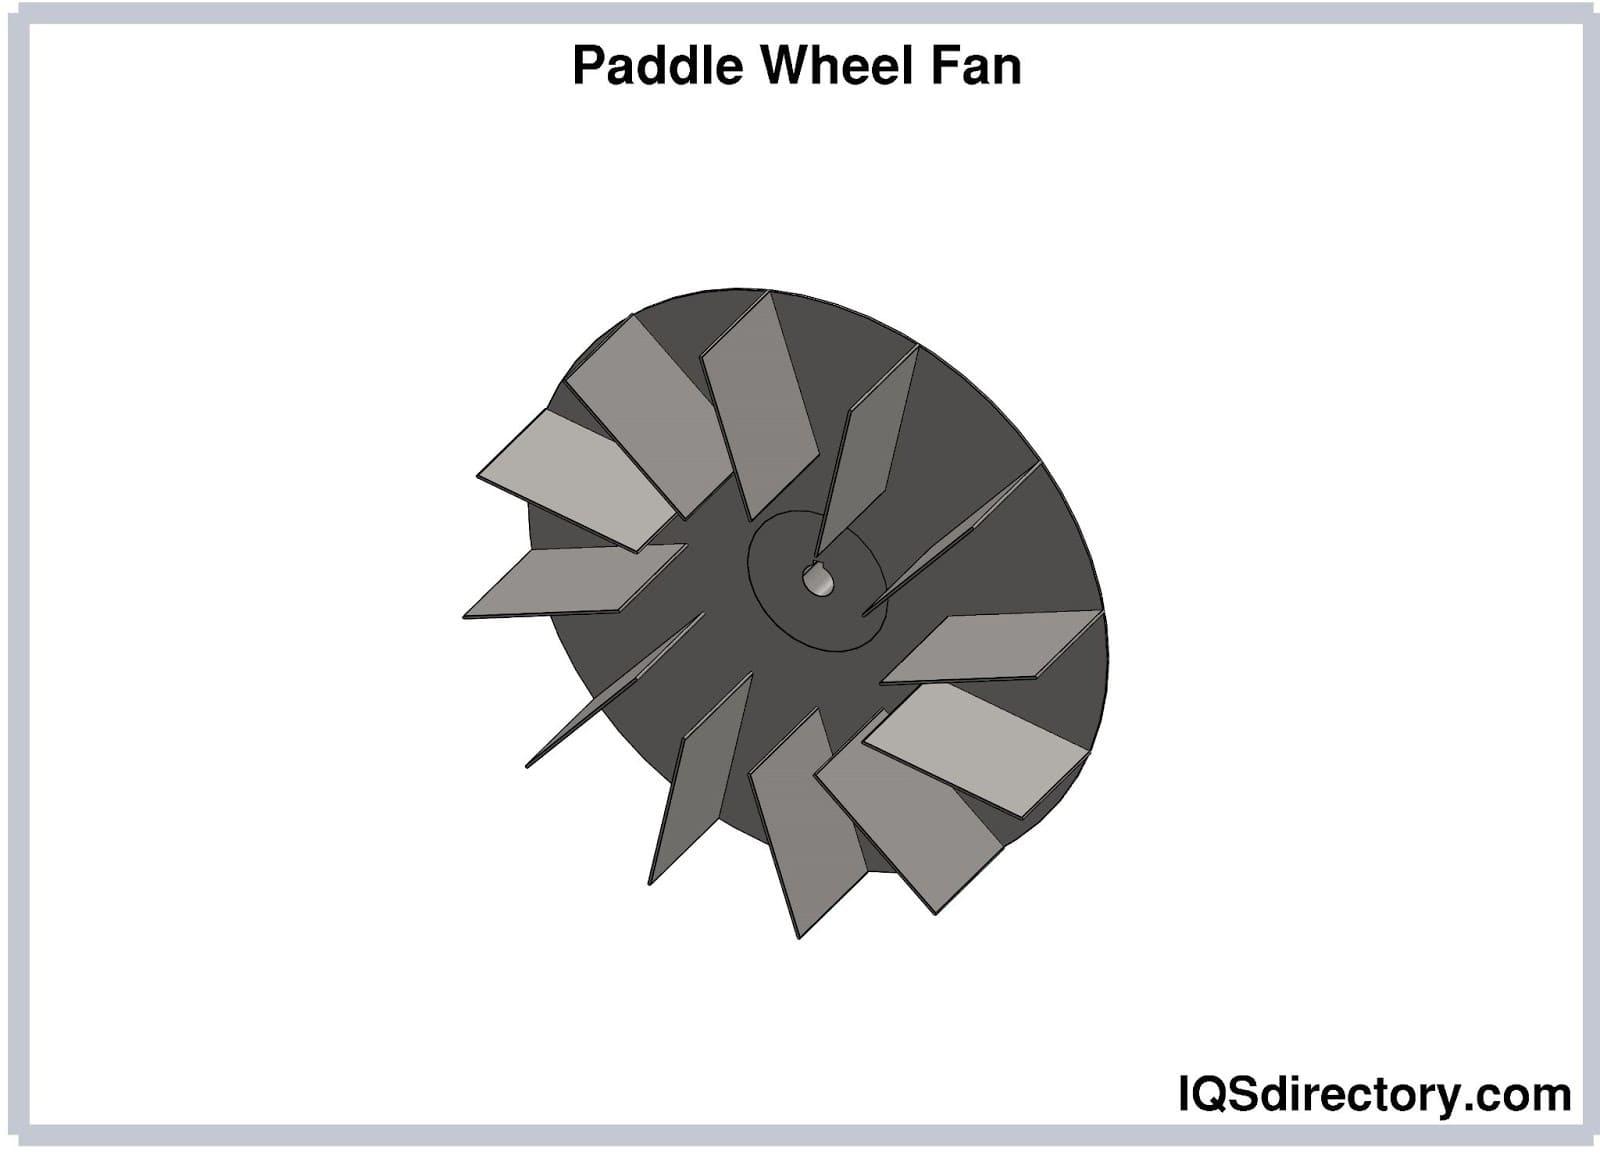 Paddle Wheel Fan